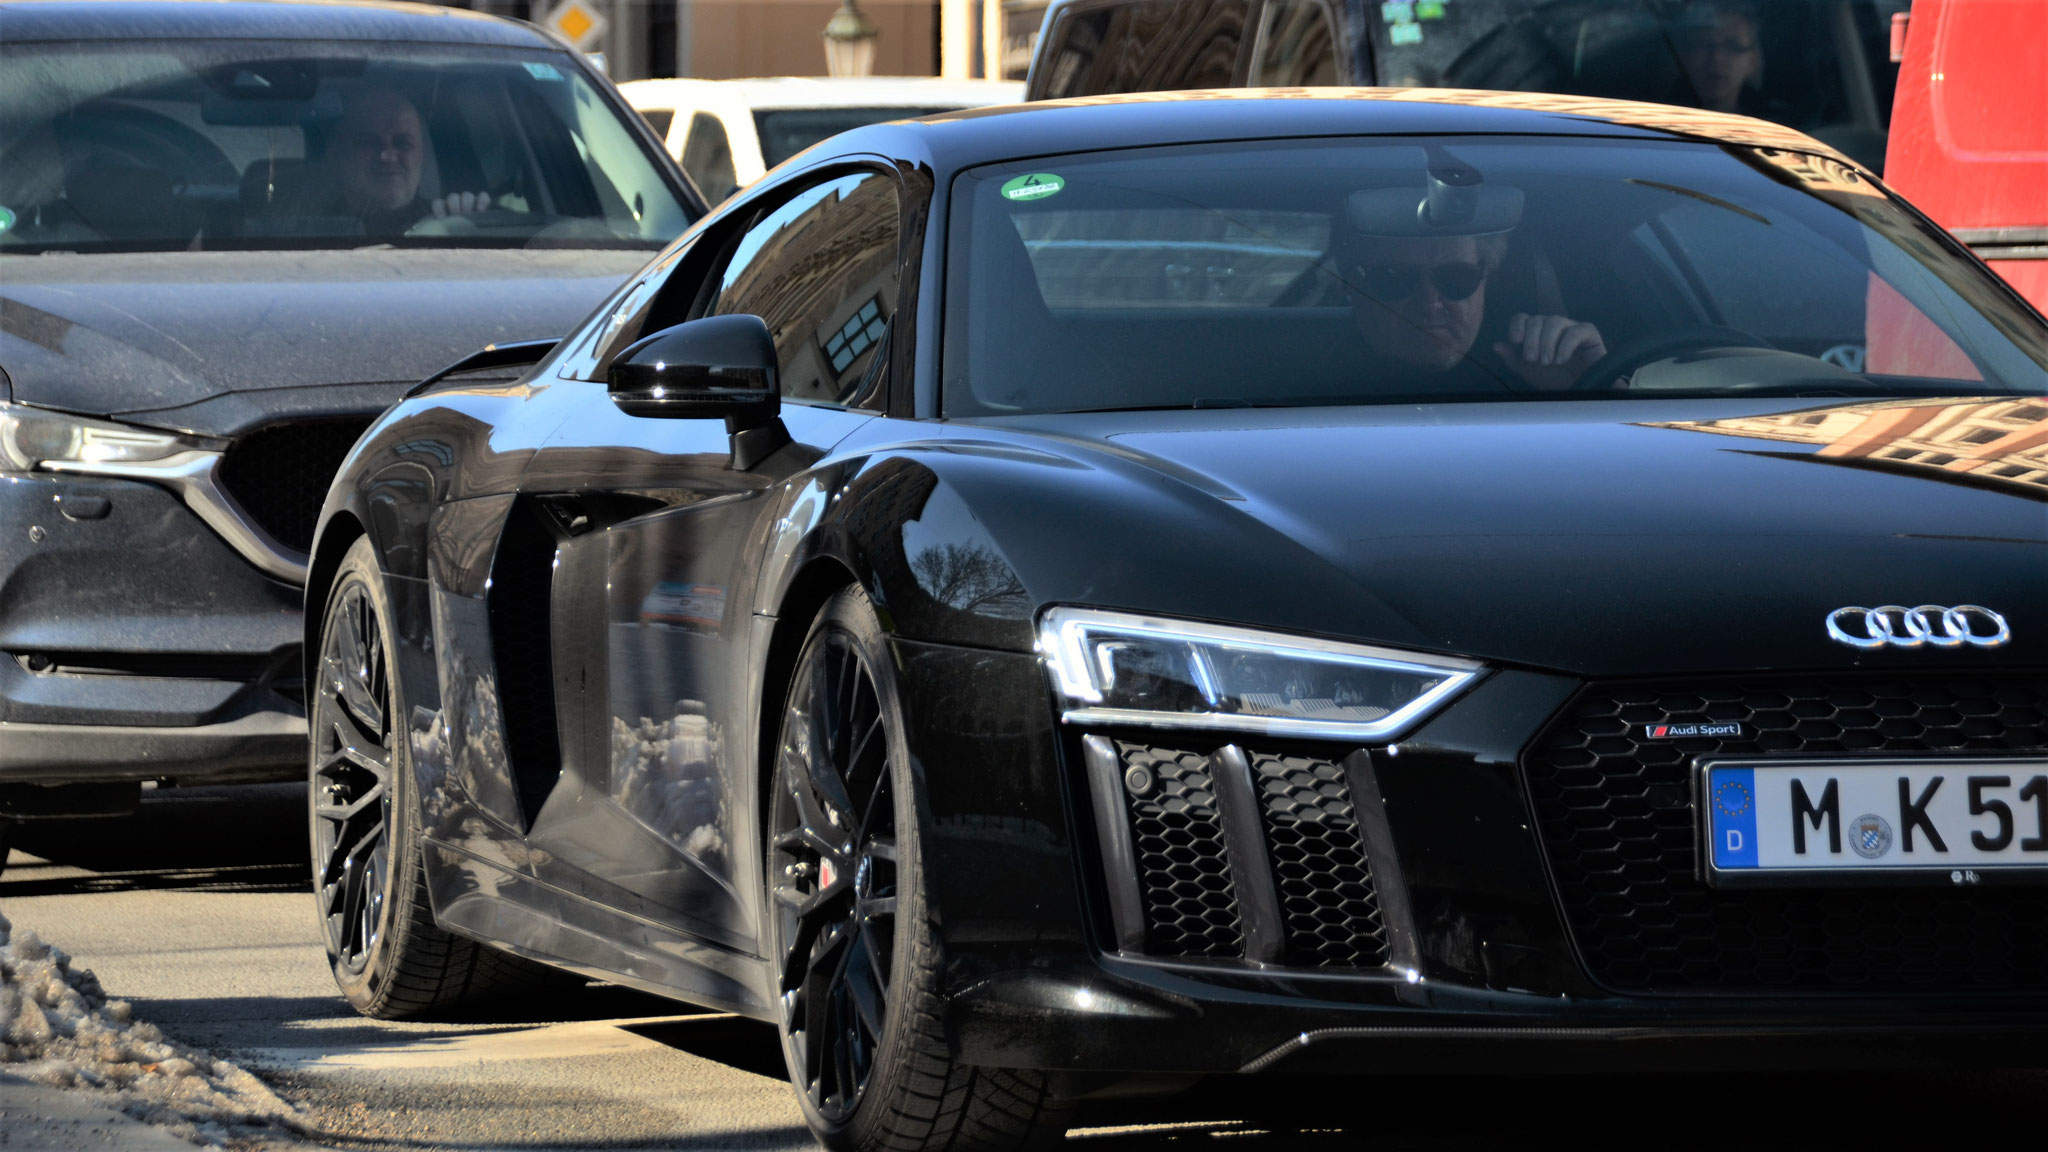 Audi R8 V10 - M-K-5176